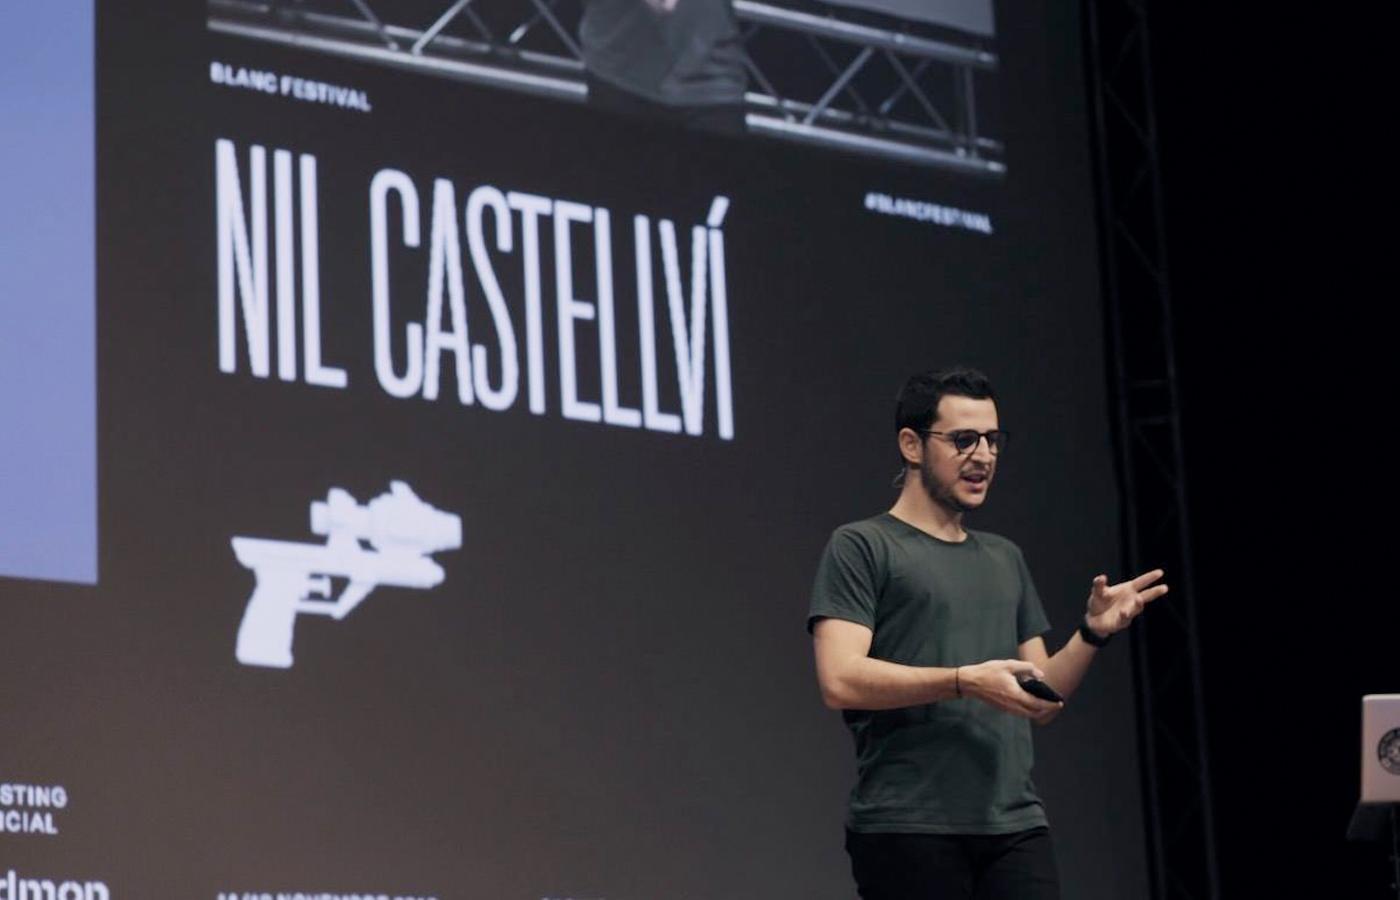 Nil Castellví en el Blanc Festival